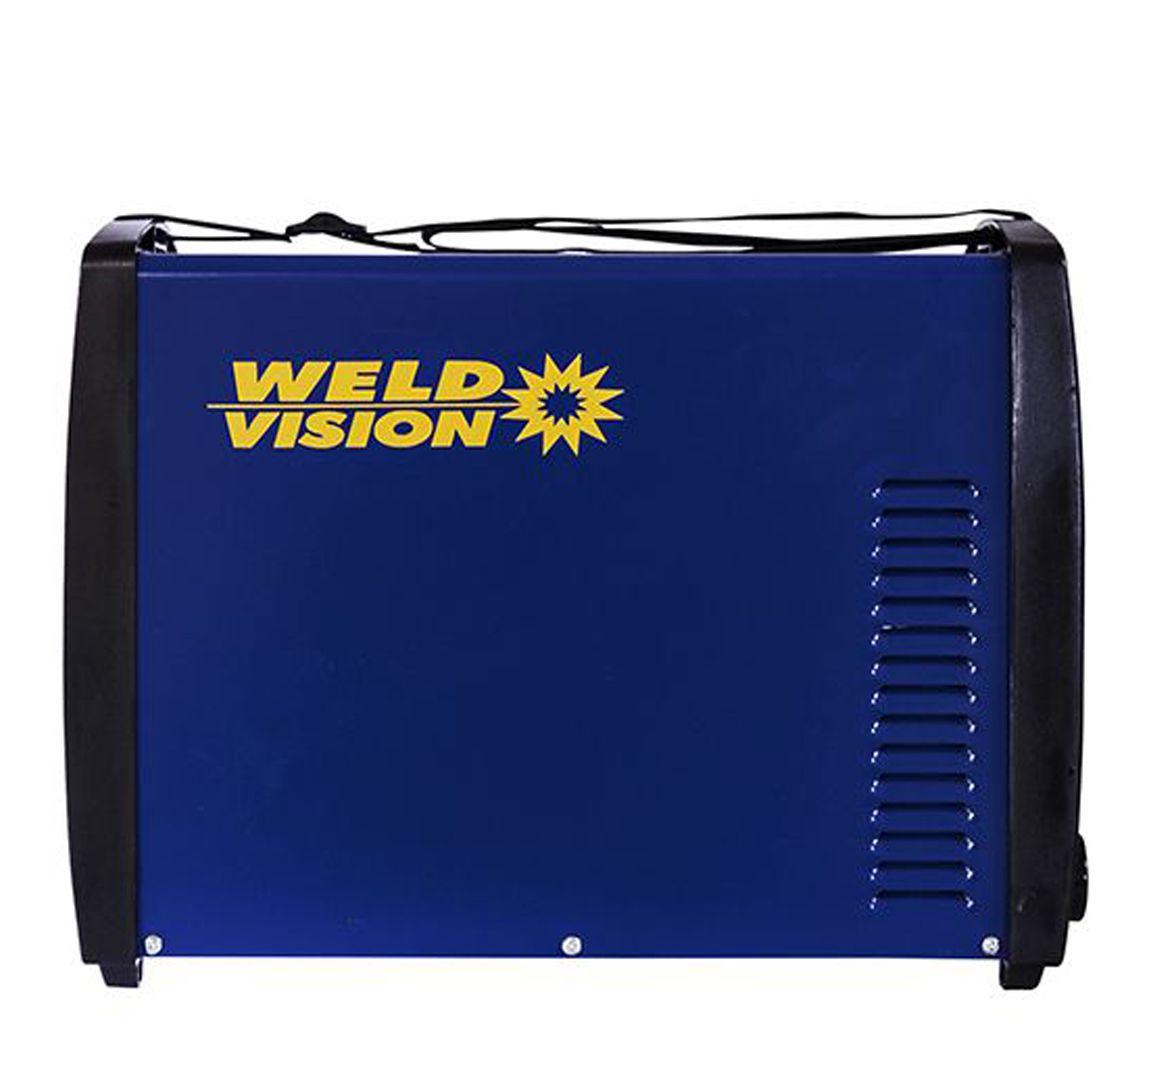 Inversora de solda TIG Challenger 200 Pulse com 200A  Weld Vision